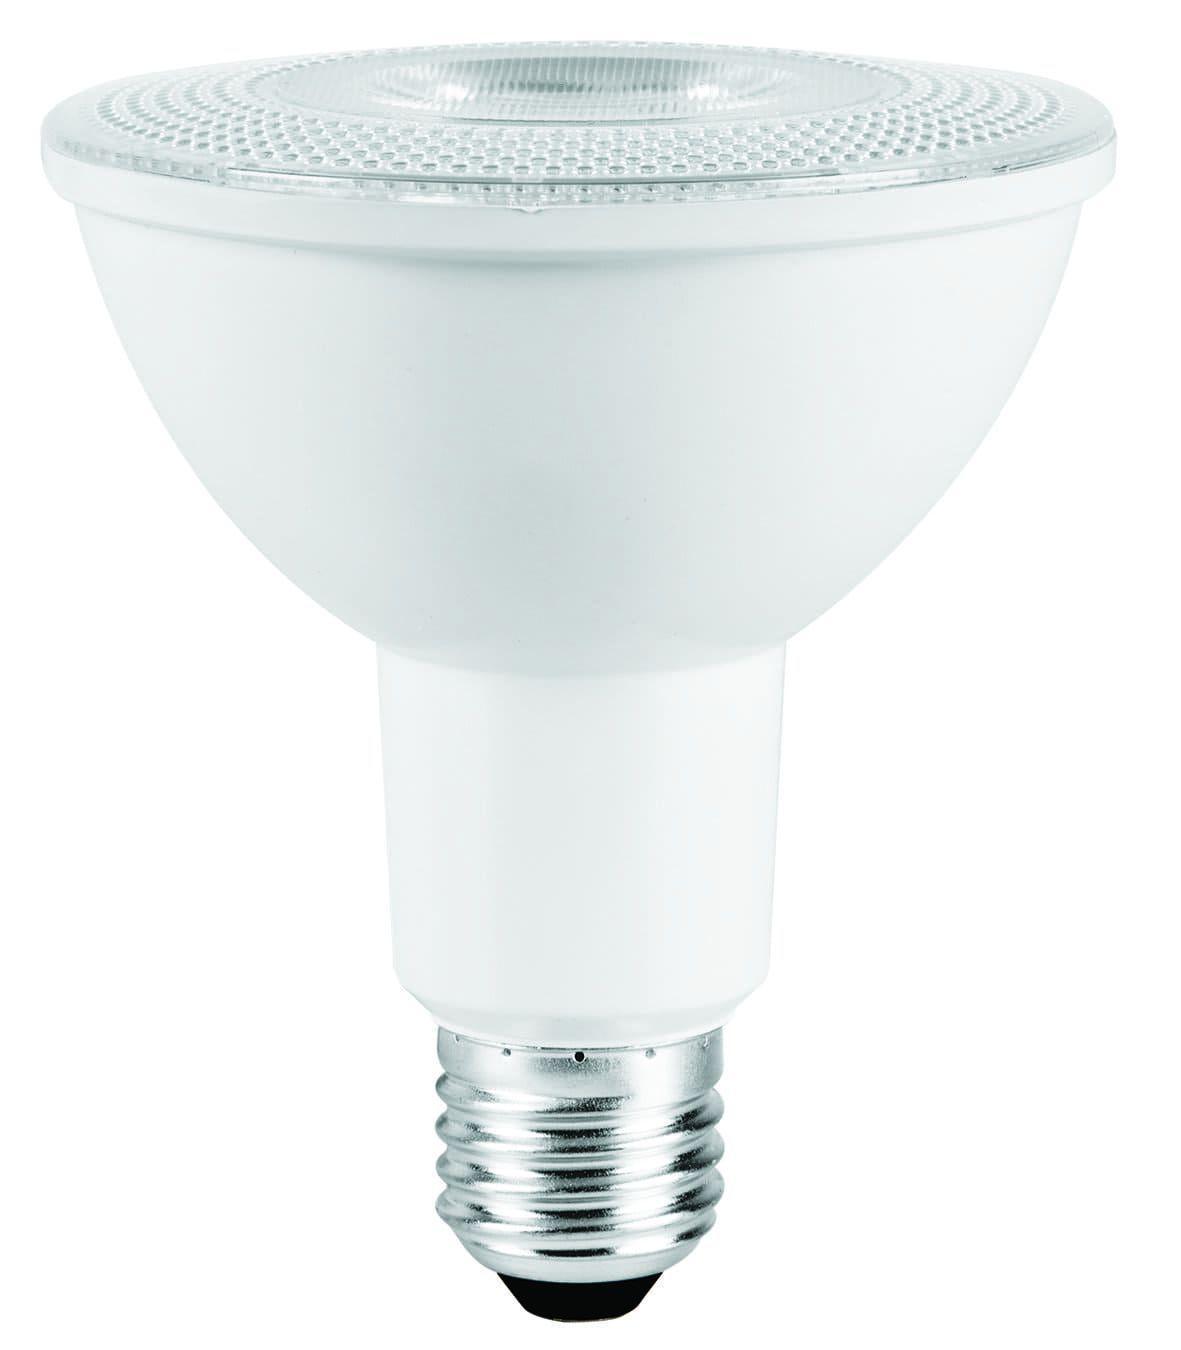 Lâmpada LED PAR30 11W E-27 3000k Bivolt 10587 Kian